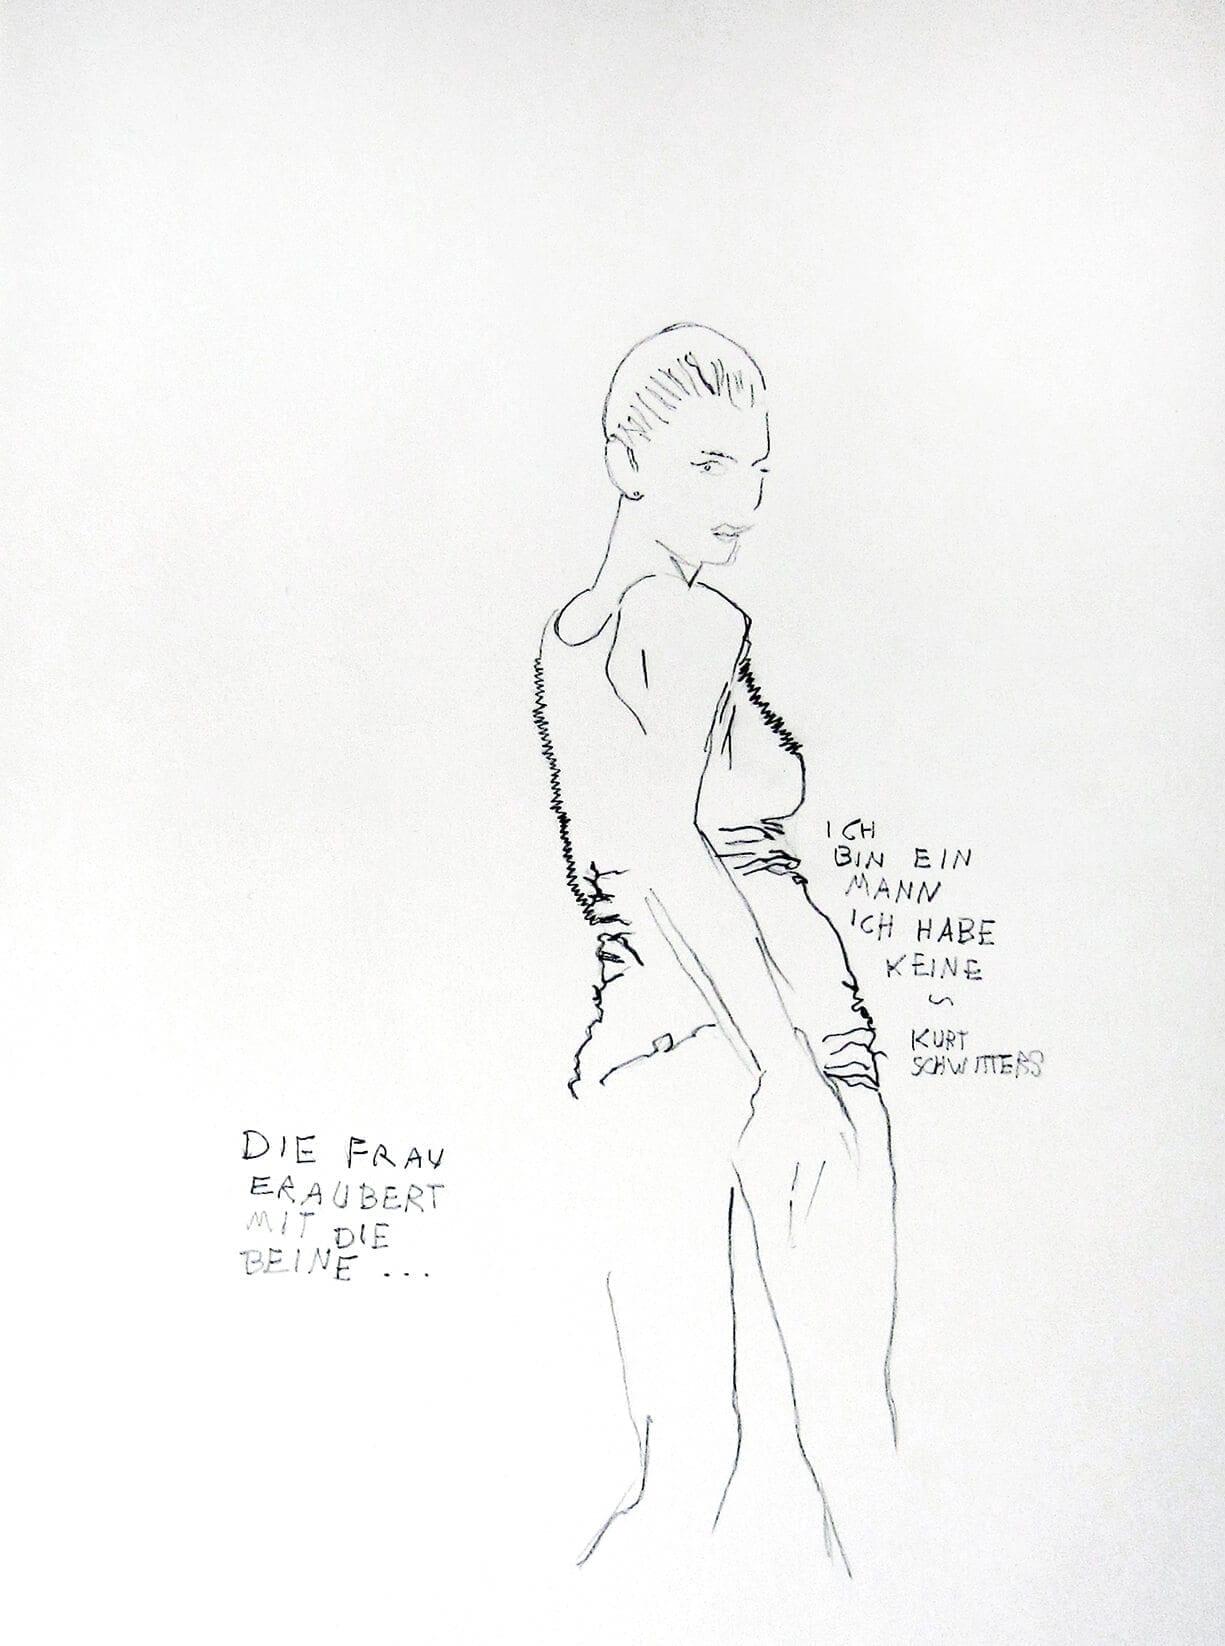 Erich Weiss, Die frau eraubert mit die beine, 2007